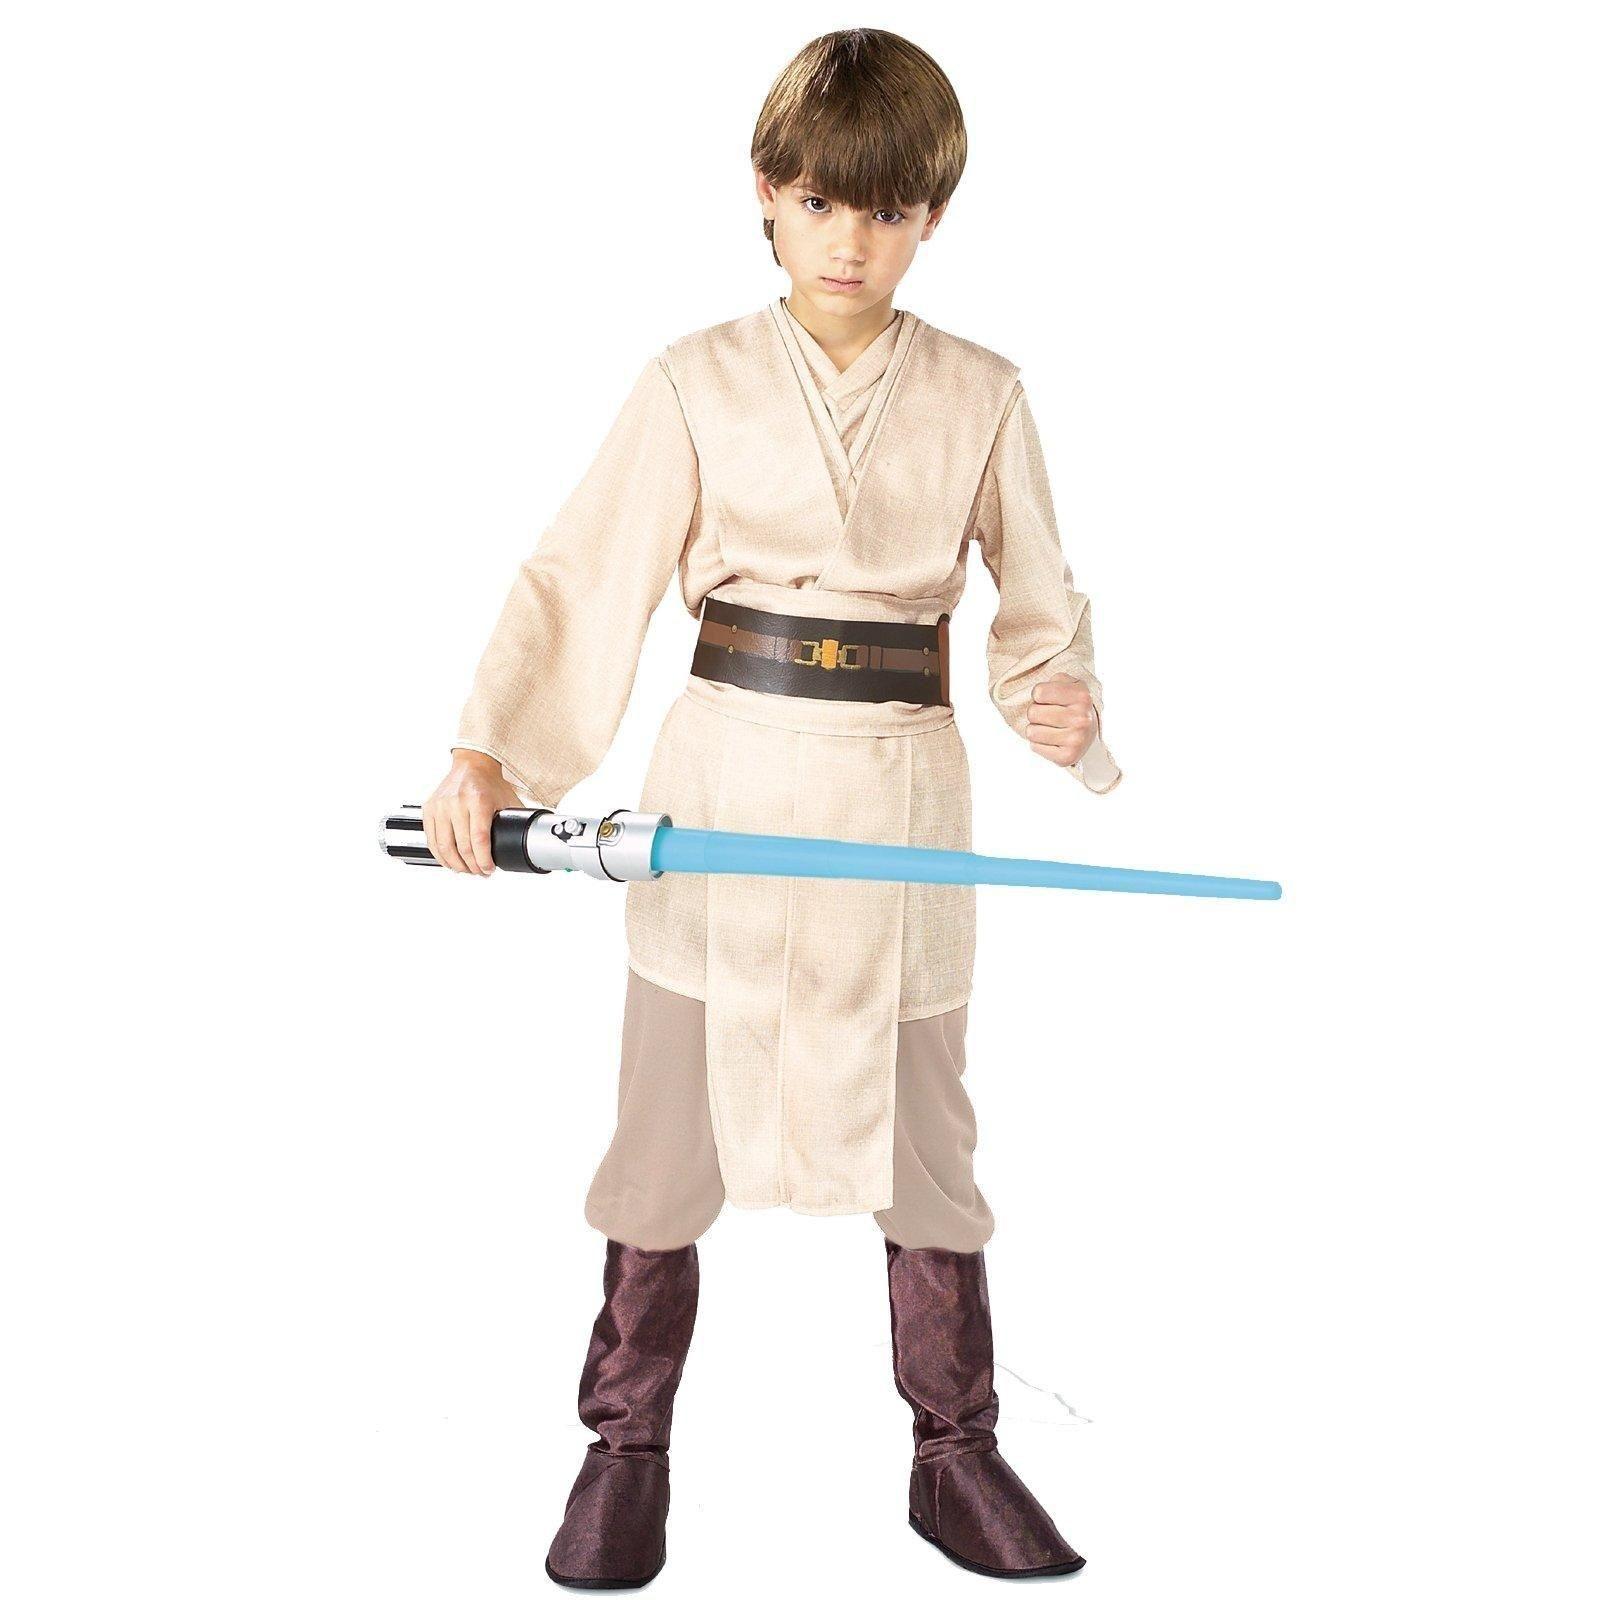 Star Wars Jedi Deluxe Child Costume  sc 1 st  Pinterest & Star Wars Jedi Deluxe Child Costume | Star wars jedi Children ...